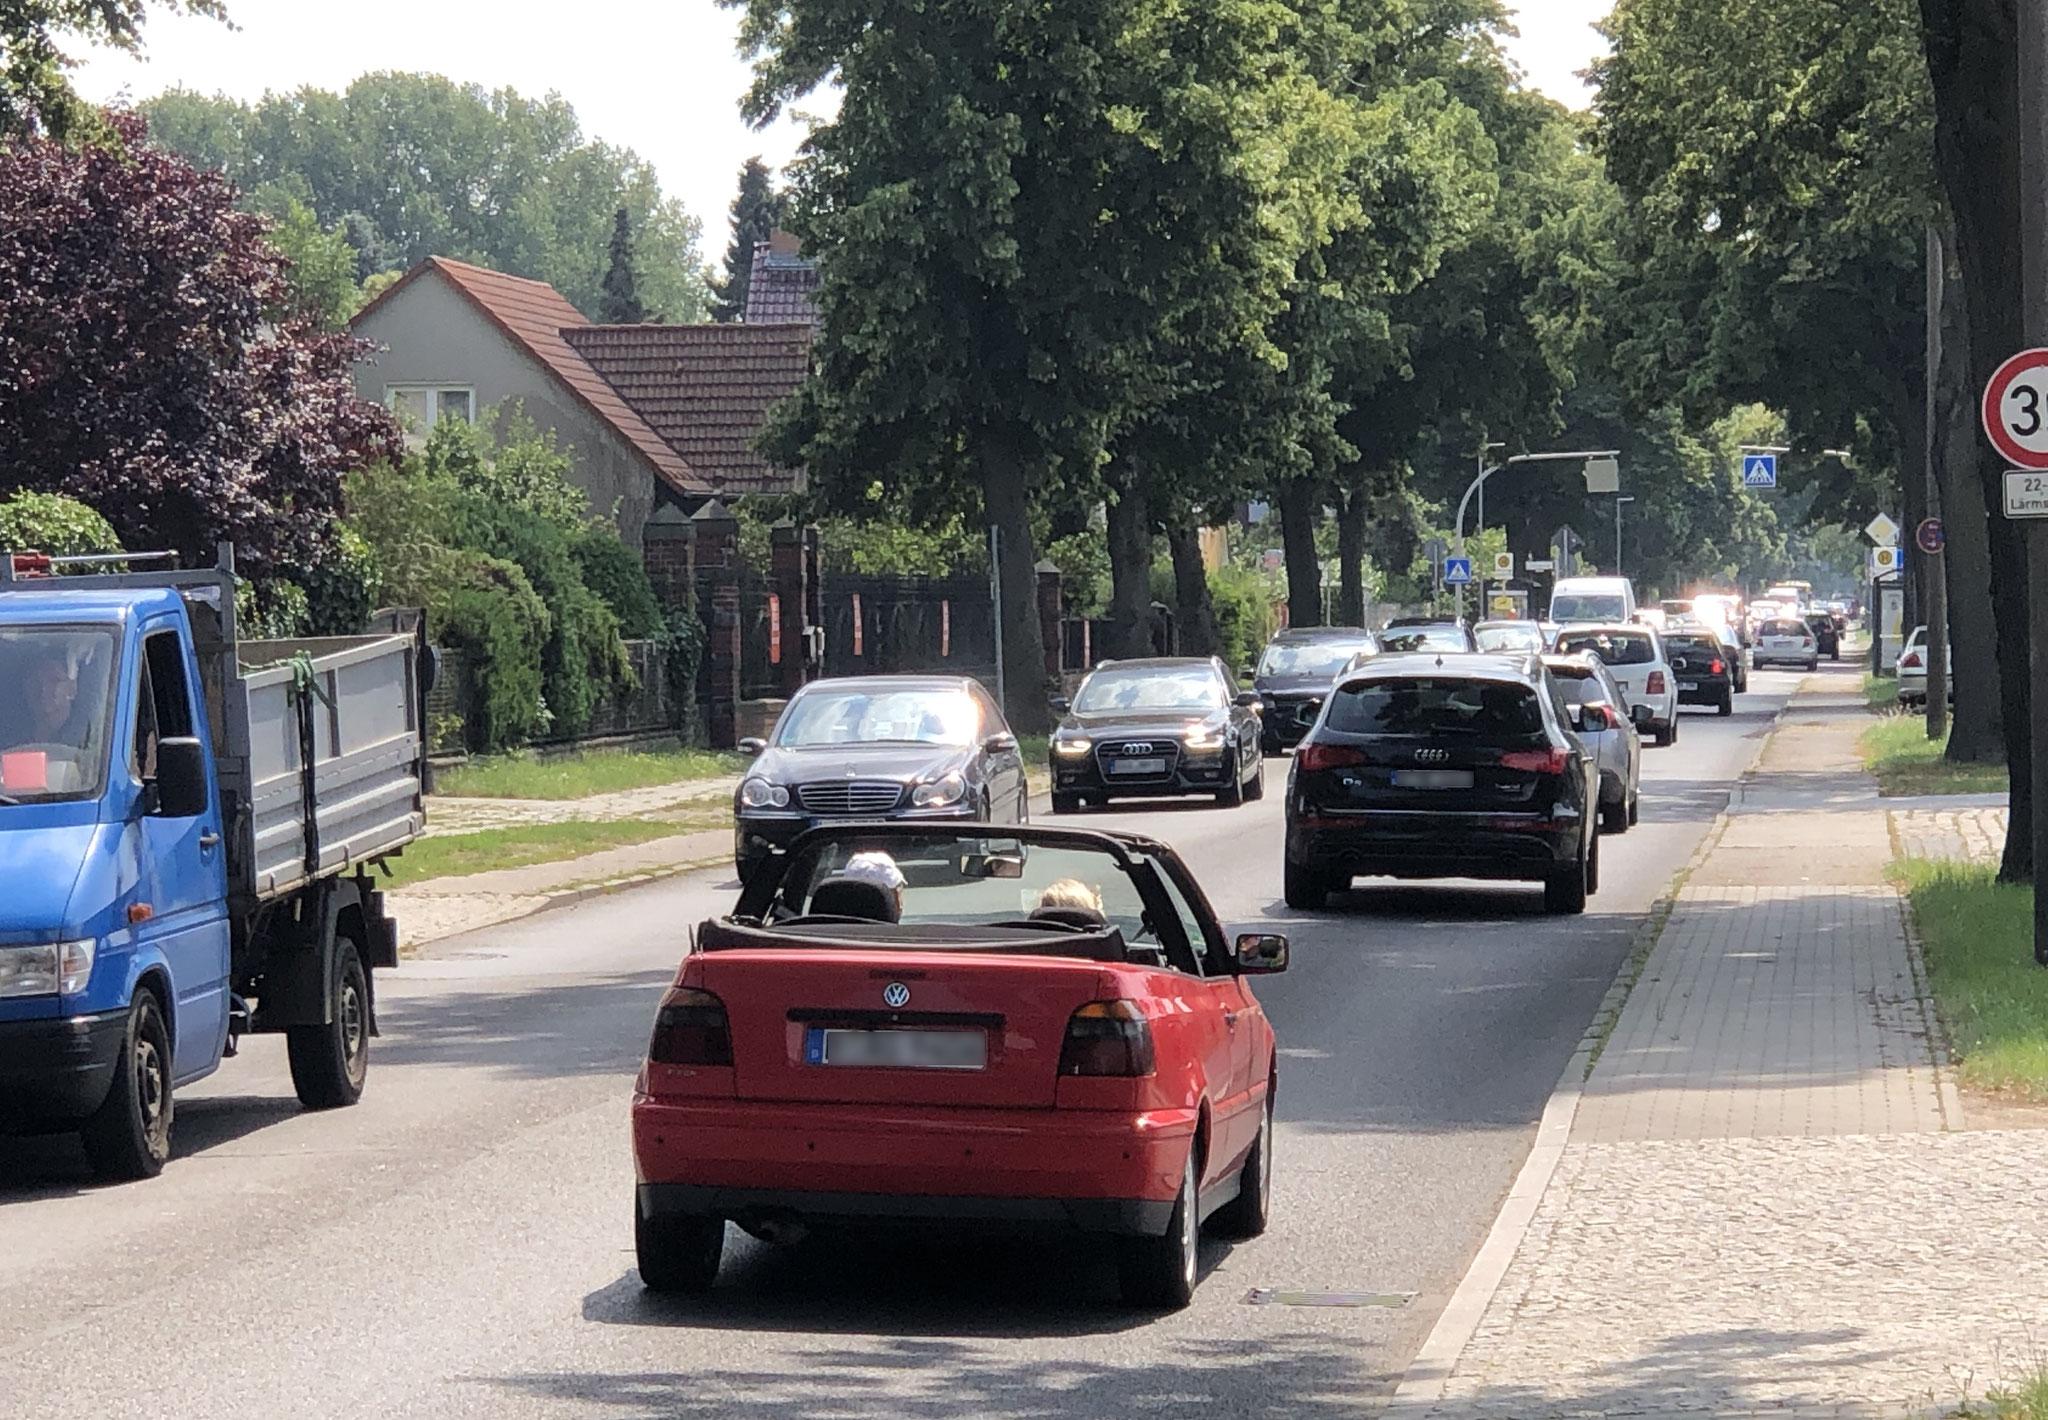 Auch ohne Baustelle staut es sich auf der Köpenicker Straße täglich in den Morgen- und Abendstunden. © pressefoto-uhlemann.de